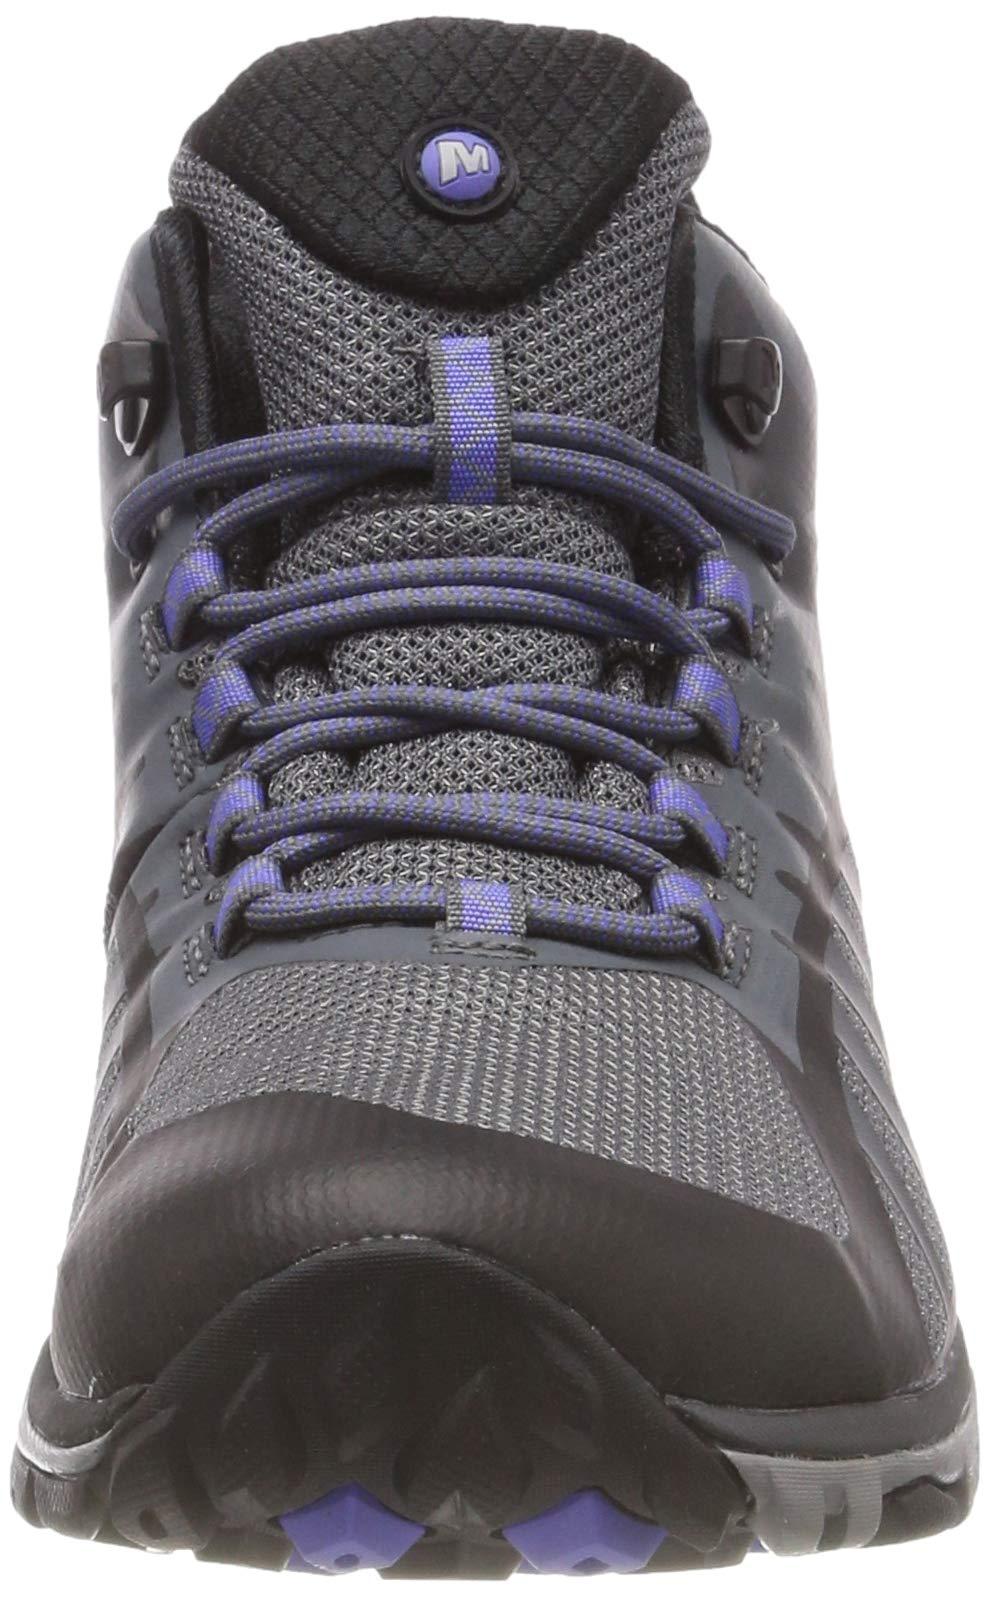 712iT%2BI4gJL - Merrell Women's Siren Edge Q2 Mid Wp High Rise Hiking Boots